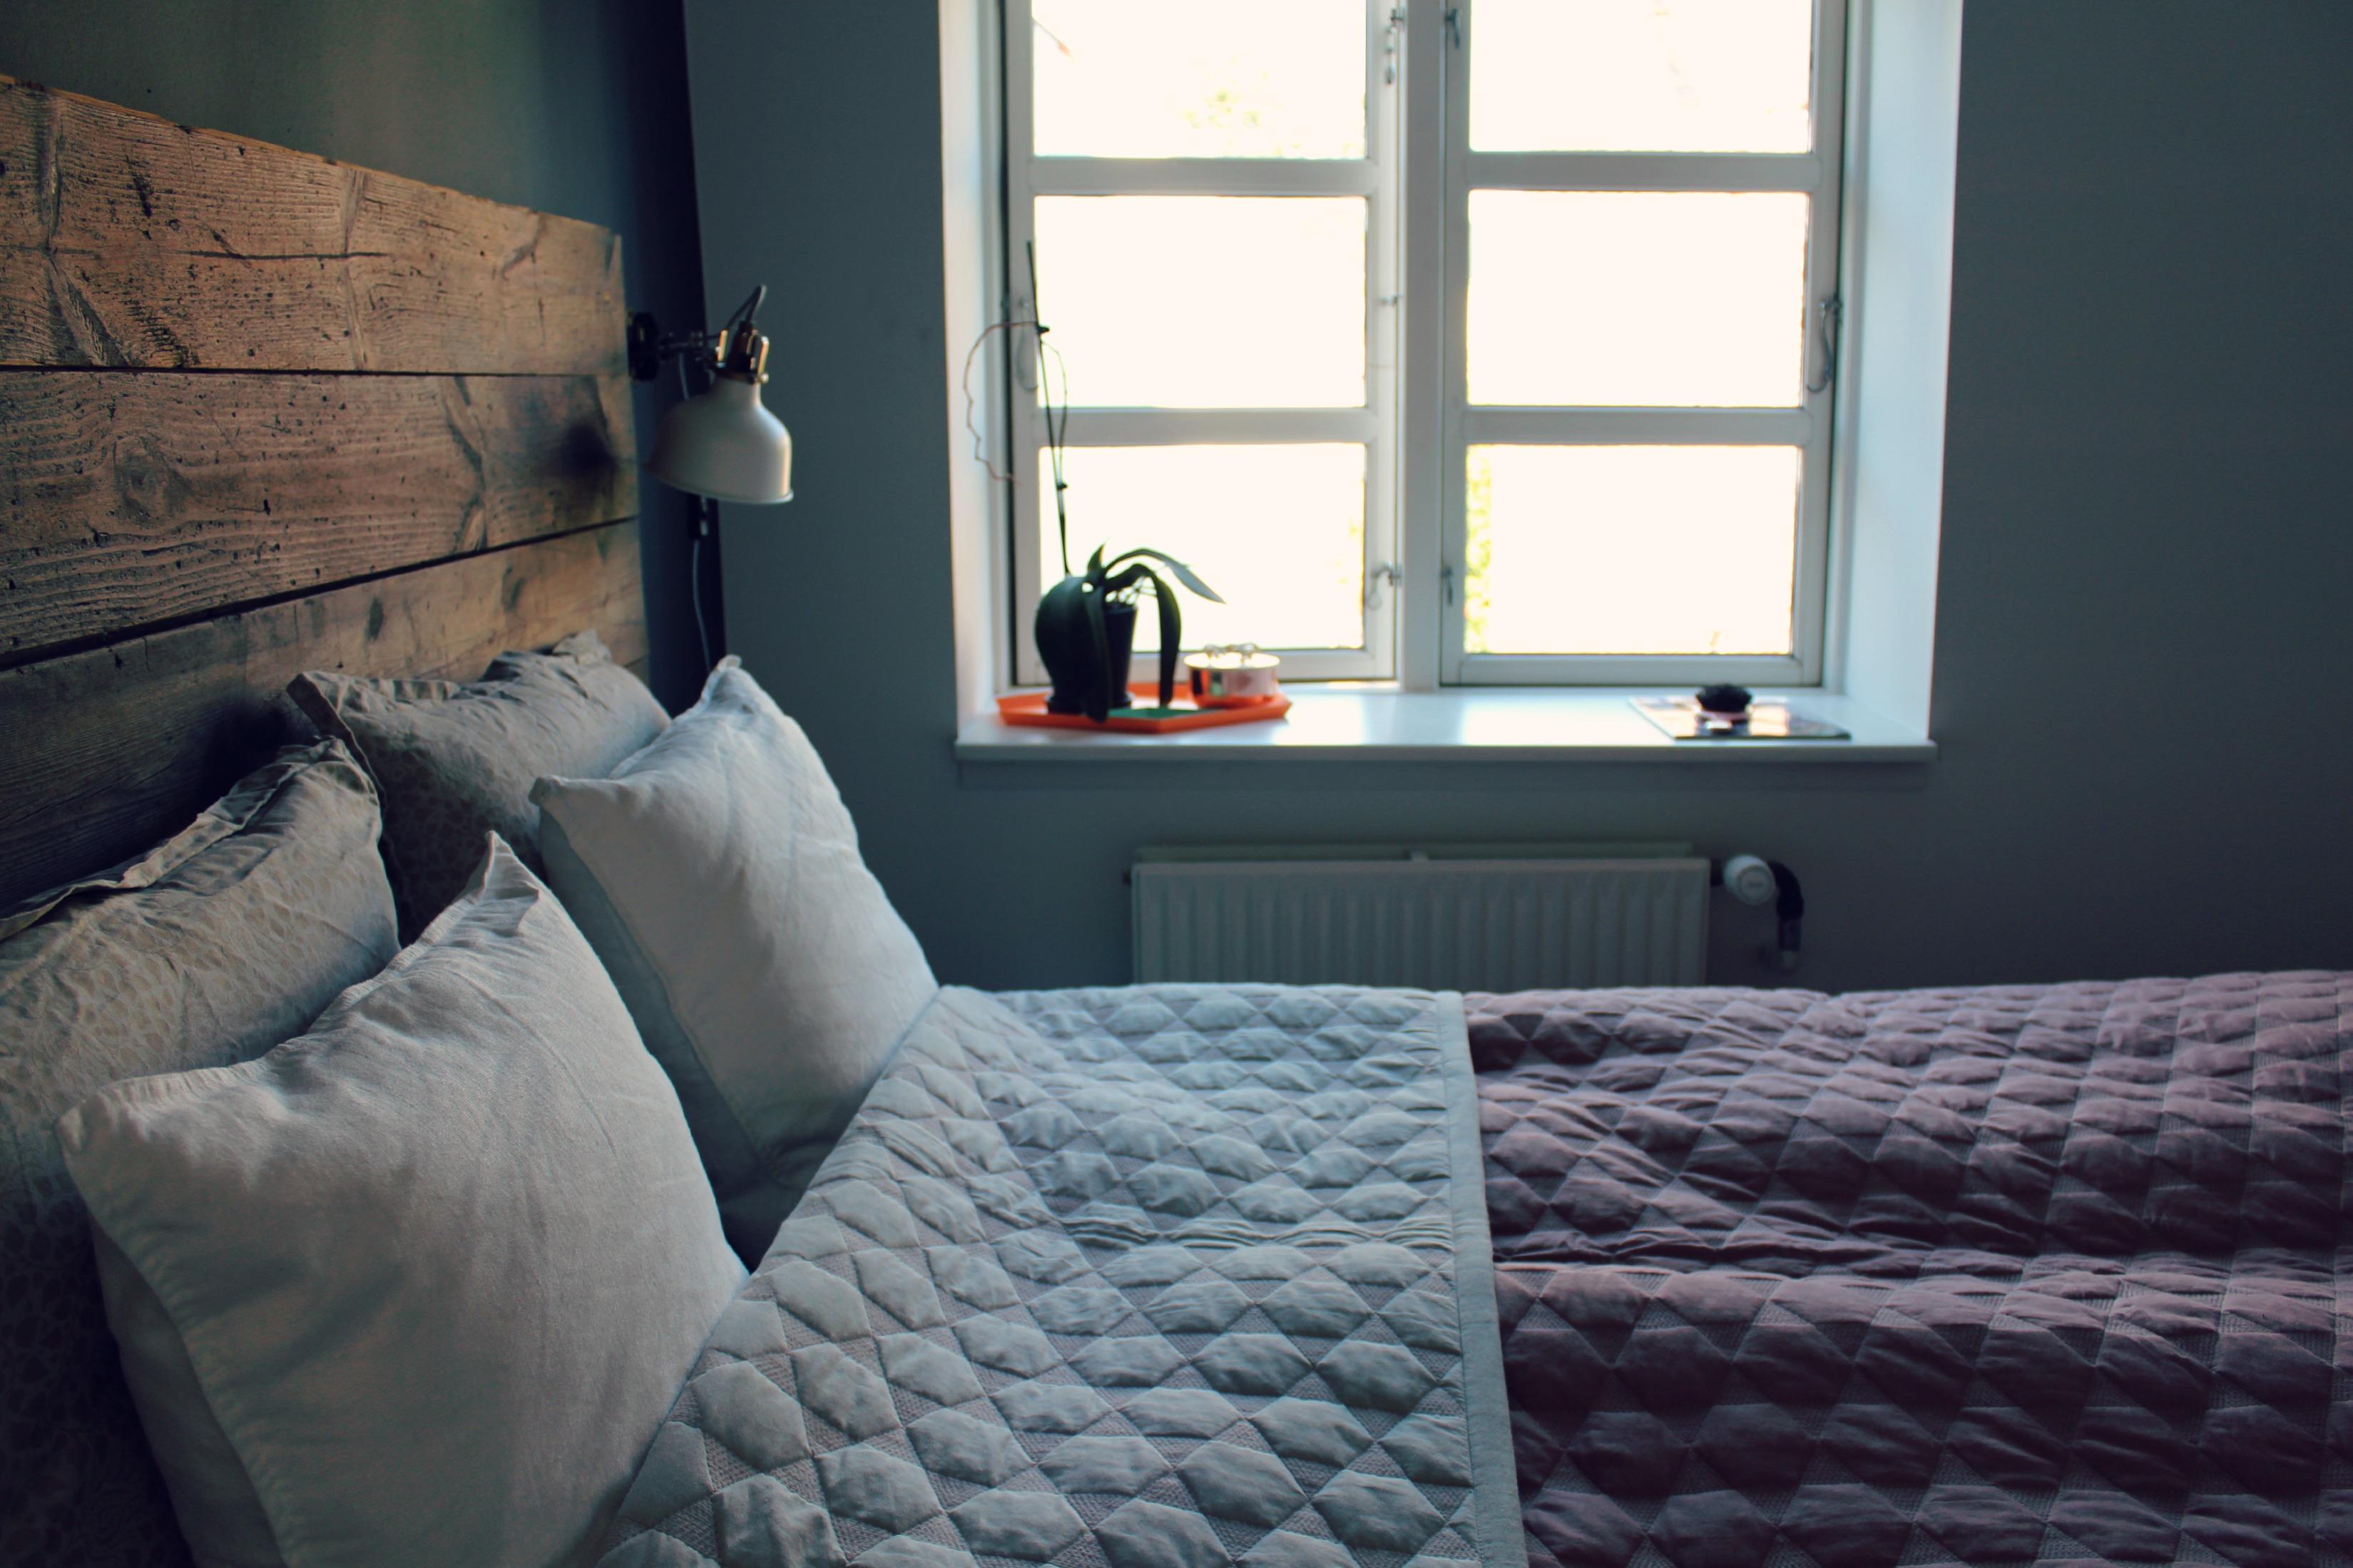 Bedroom, DIY headboard, headboard of wood, fjerlampe, georg jensen sengetøj, soveværelse, inspiration, sengegavl, DIY, hjemmelavet sengegavl,